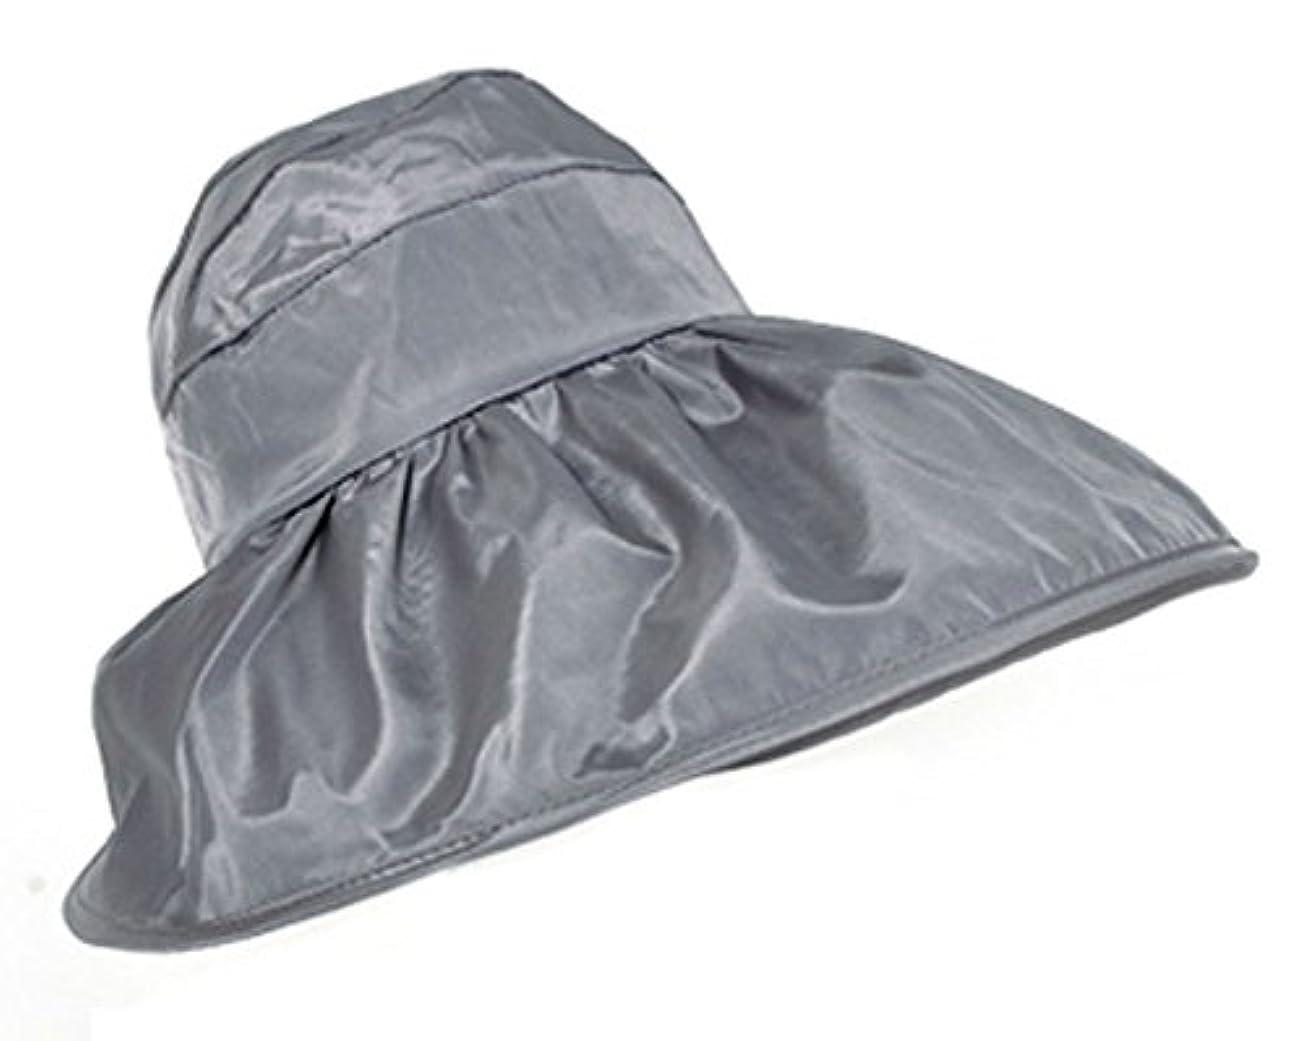 文献上回るなすFakeFace 夏 レディース 帽子 UVカット サンバイザー 紫外線対策 日よけ帽子 つば広 オシャレ ケープ ハット 日よけ 折りたたみ 防水 カジュアル 海 農作業 ぼうし サイズ調節可